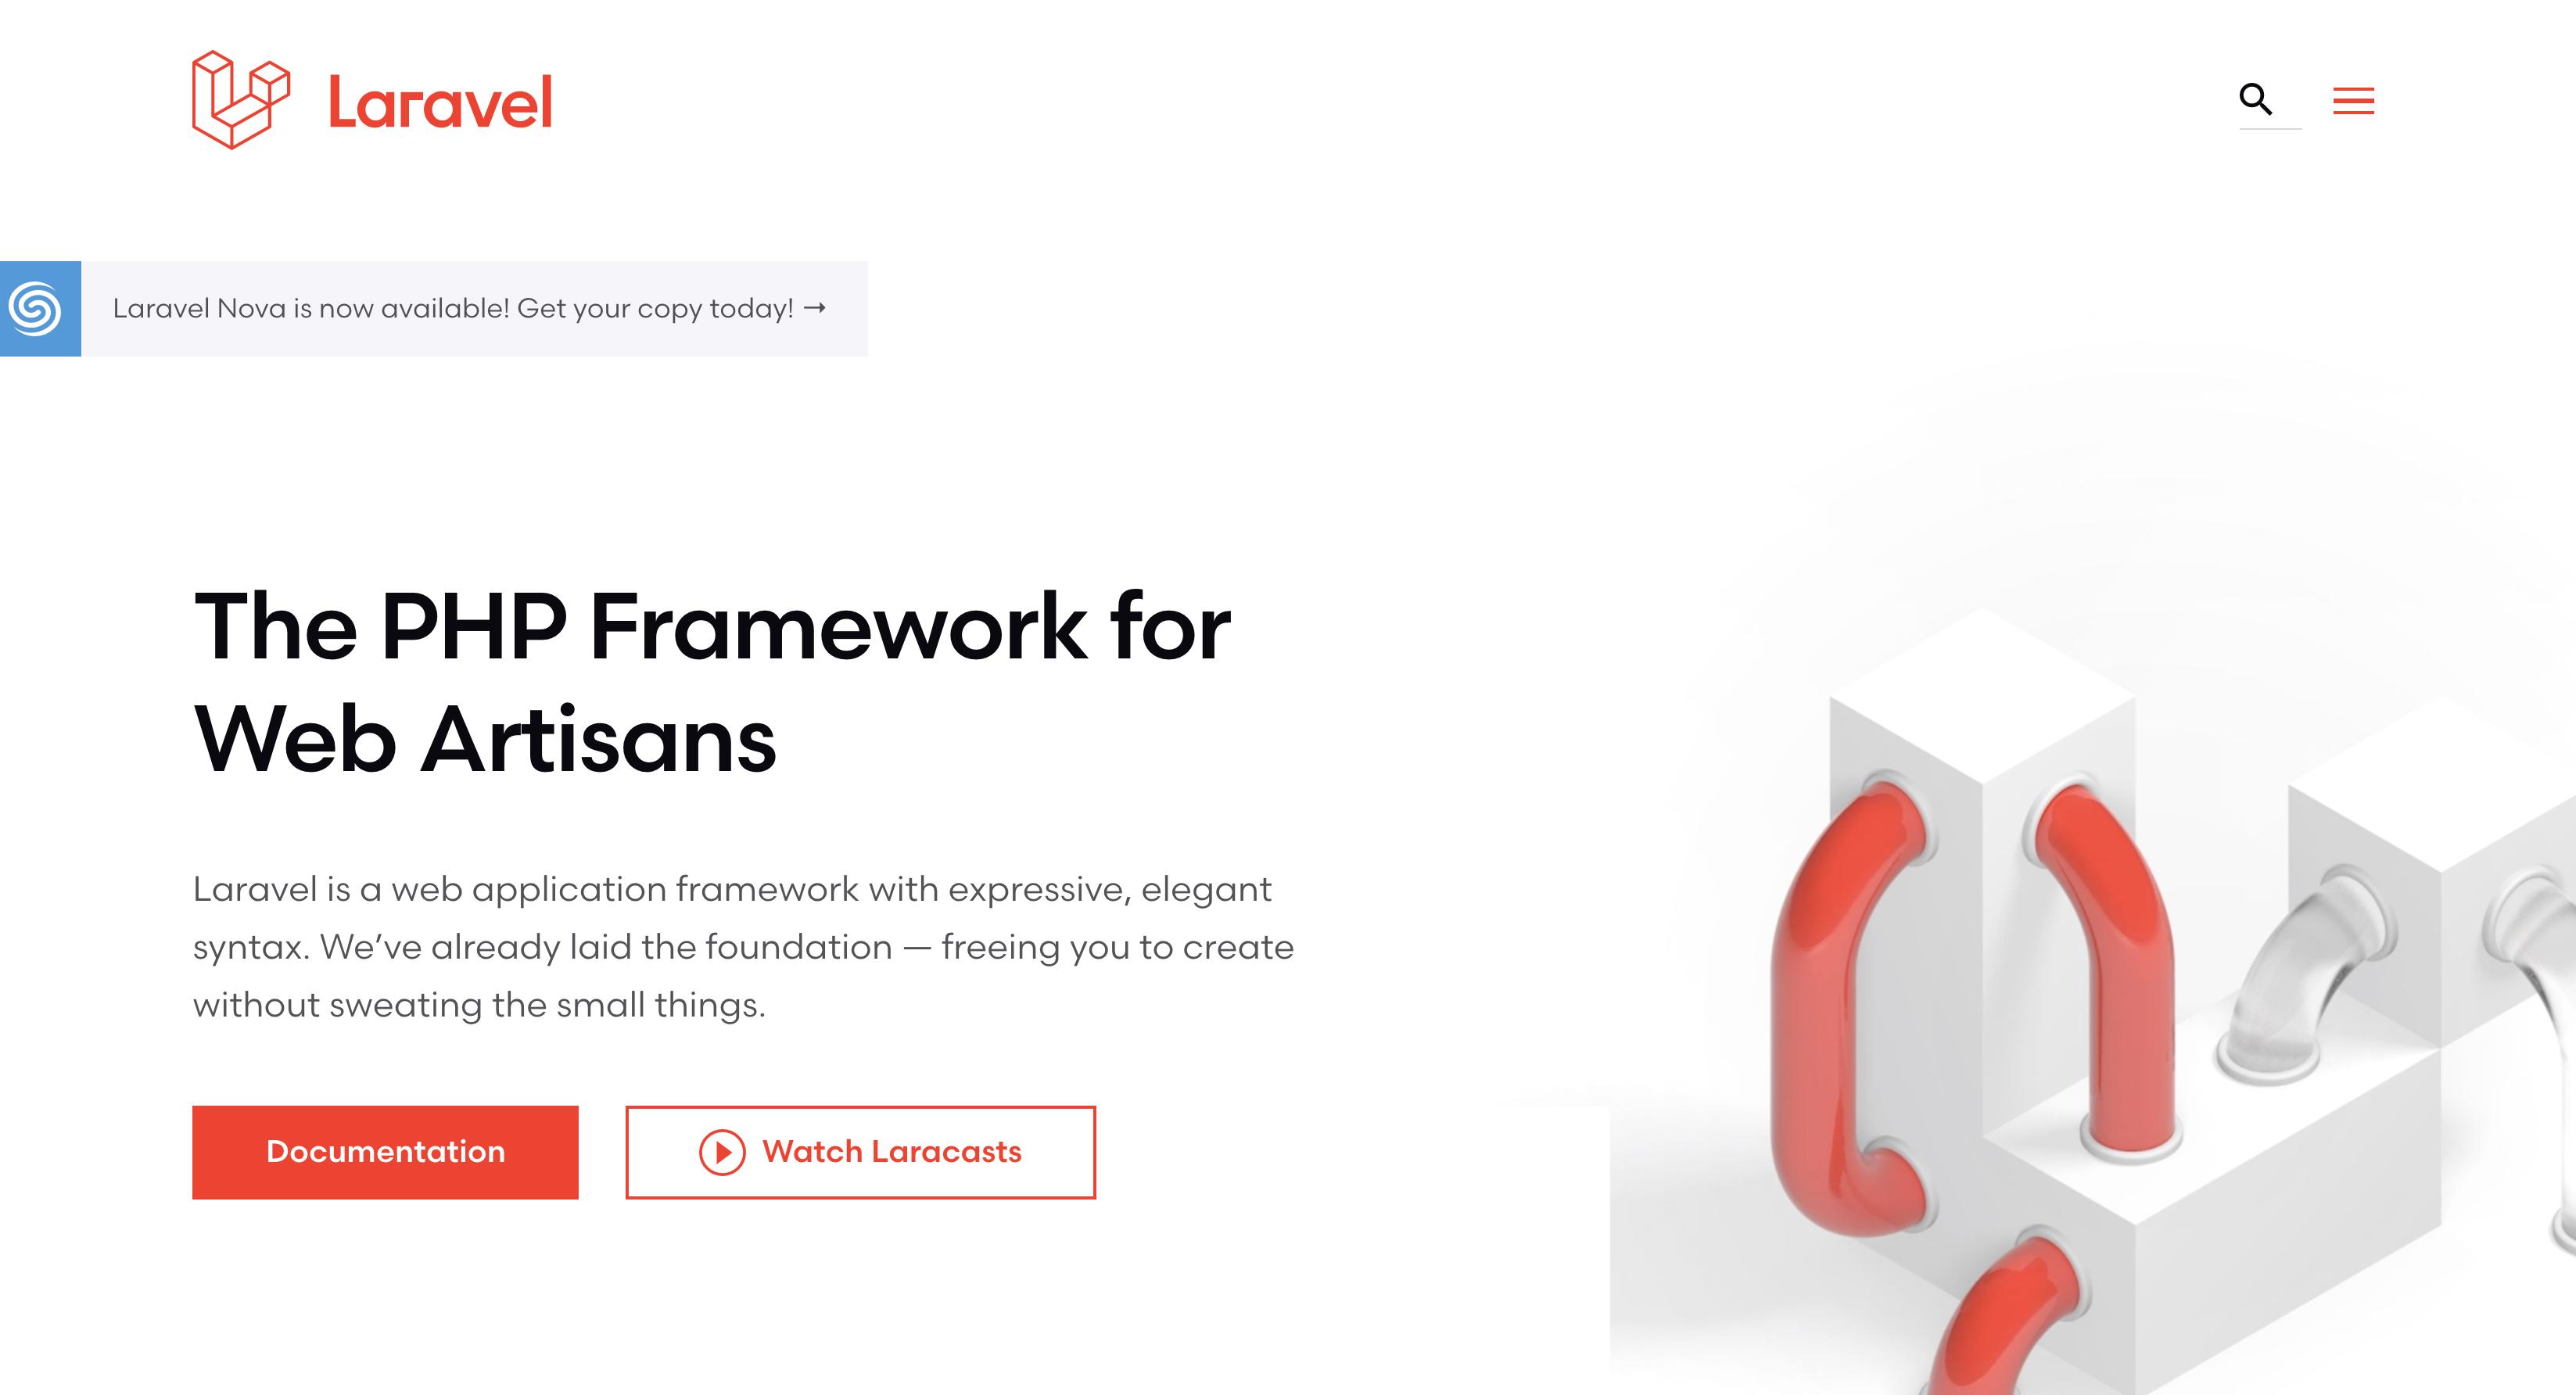 Laravel 6.0 new website